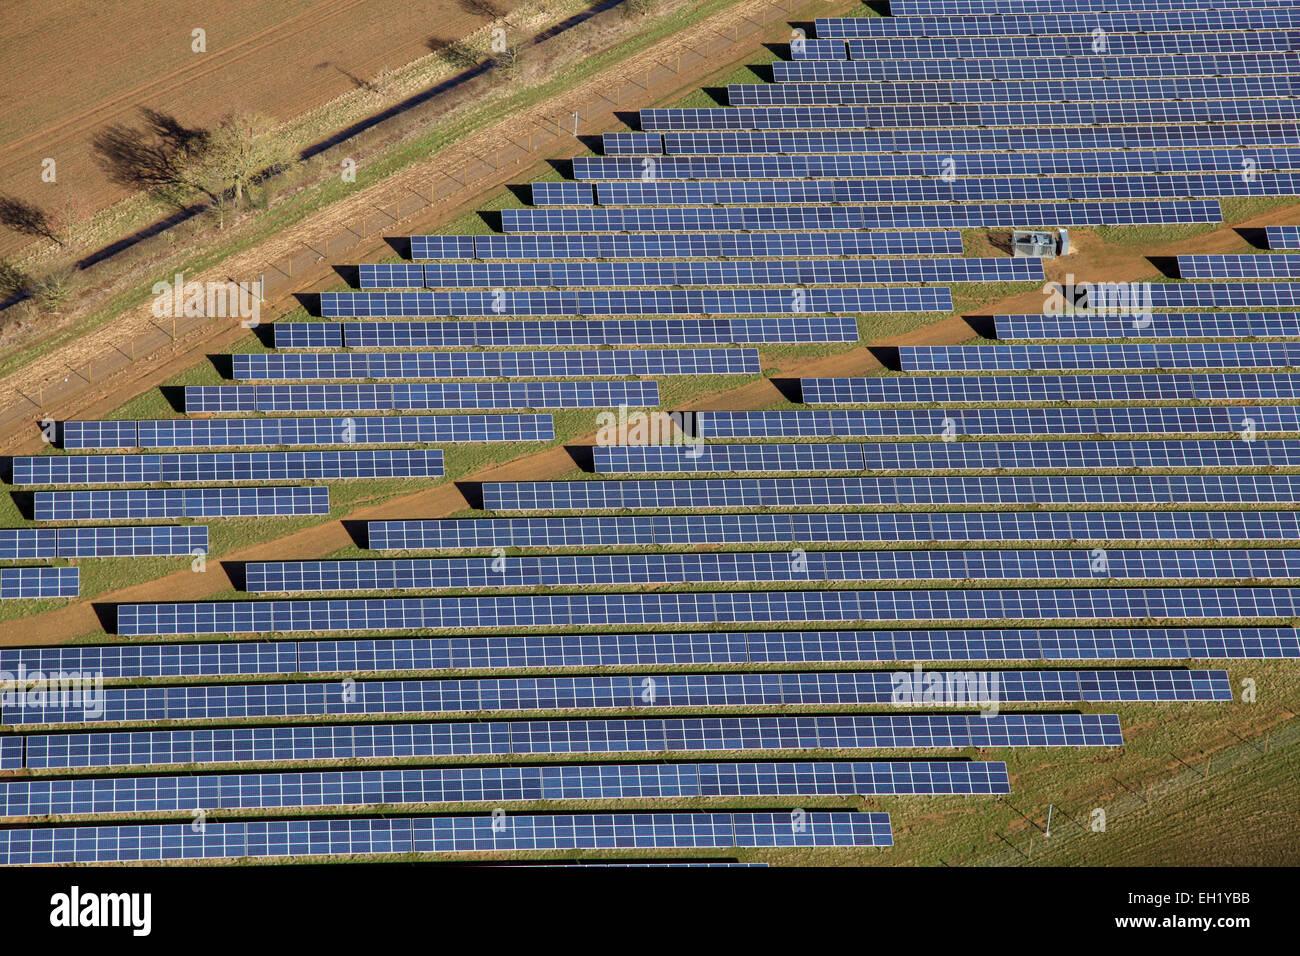 Un gros plan vue aérienne de panneaux solaires (cellules photovoltaïques) sur une ferme solaire au Royaume Photo Stock